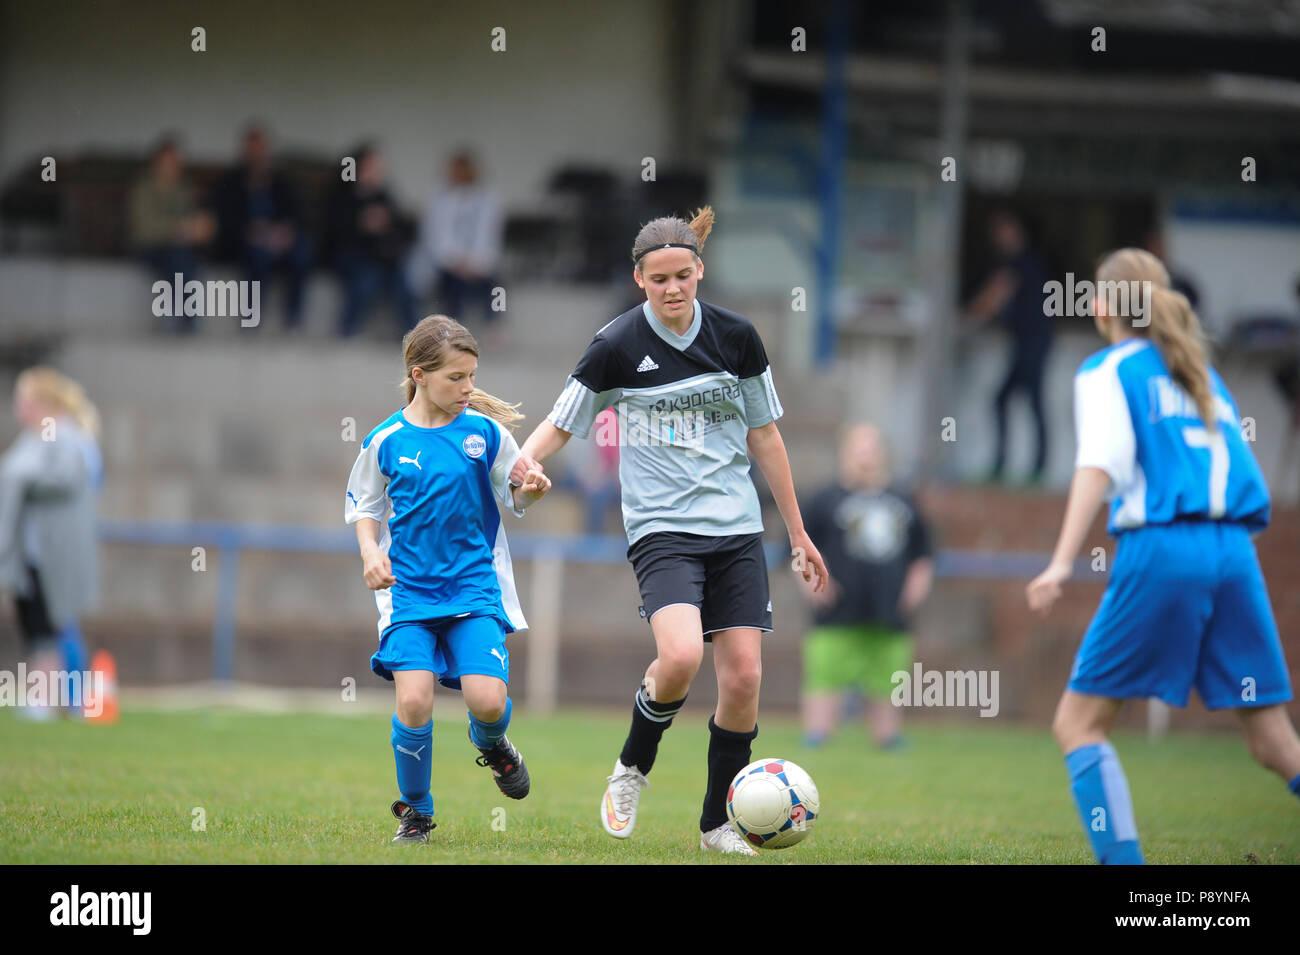 Madchen Spielen Fussball Fussball Spielen Madchen Stockfoto